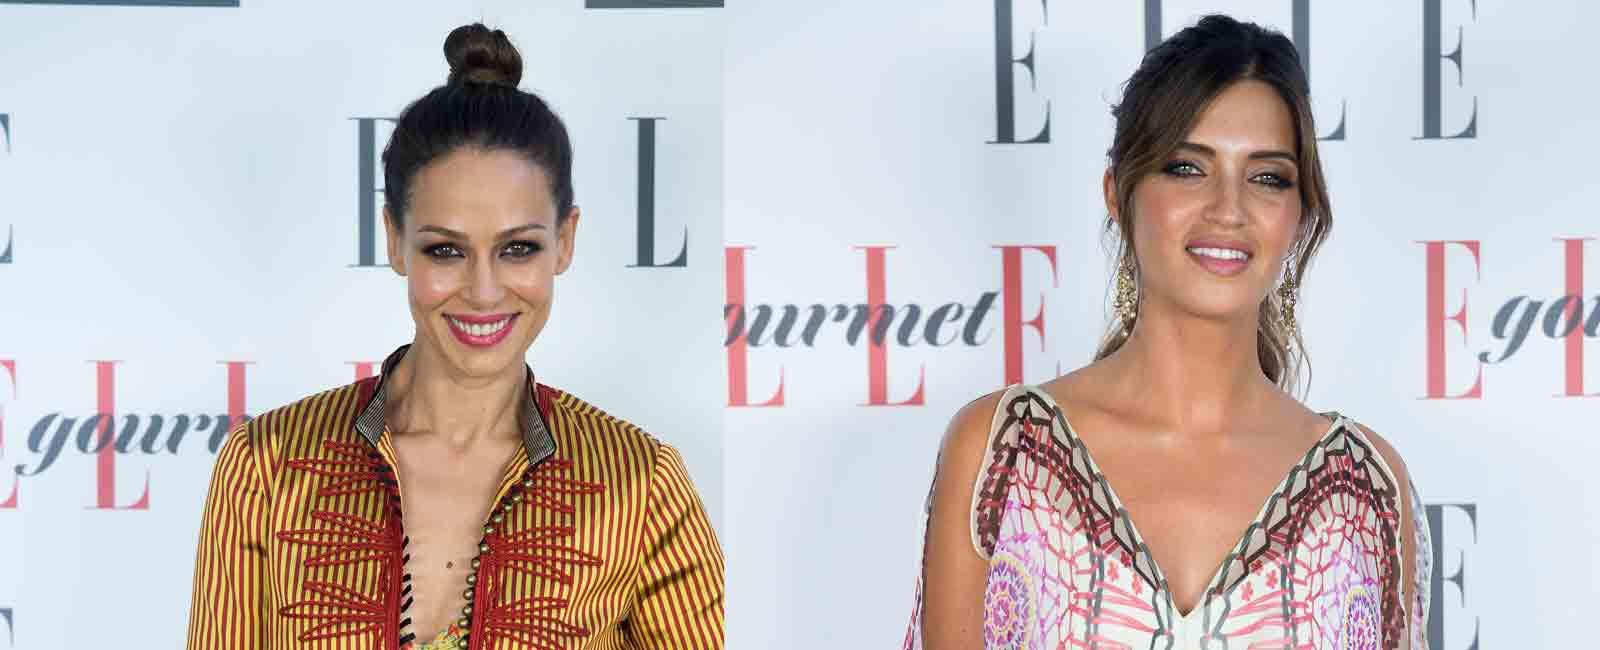 Sara Carbonero y Eva González duelo de bellezas de las chicas de Iker Casillas